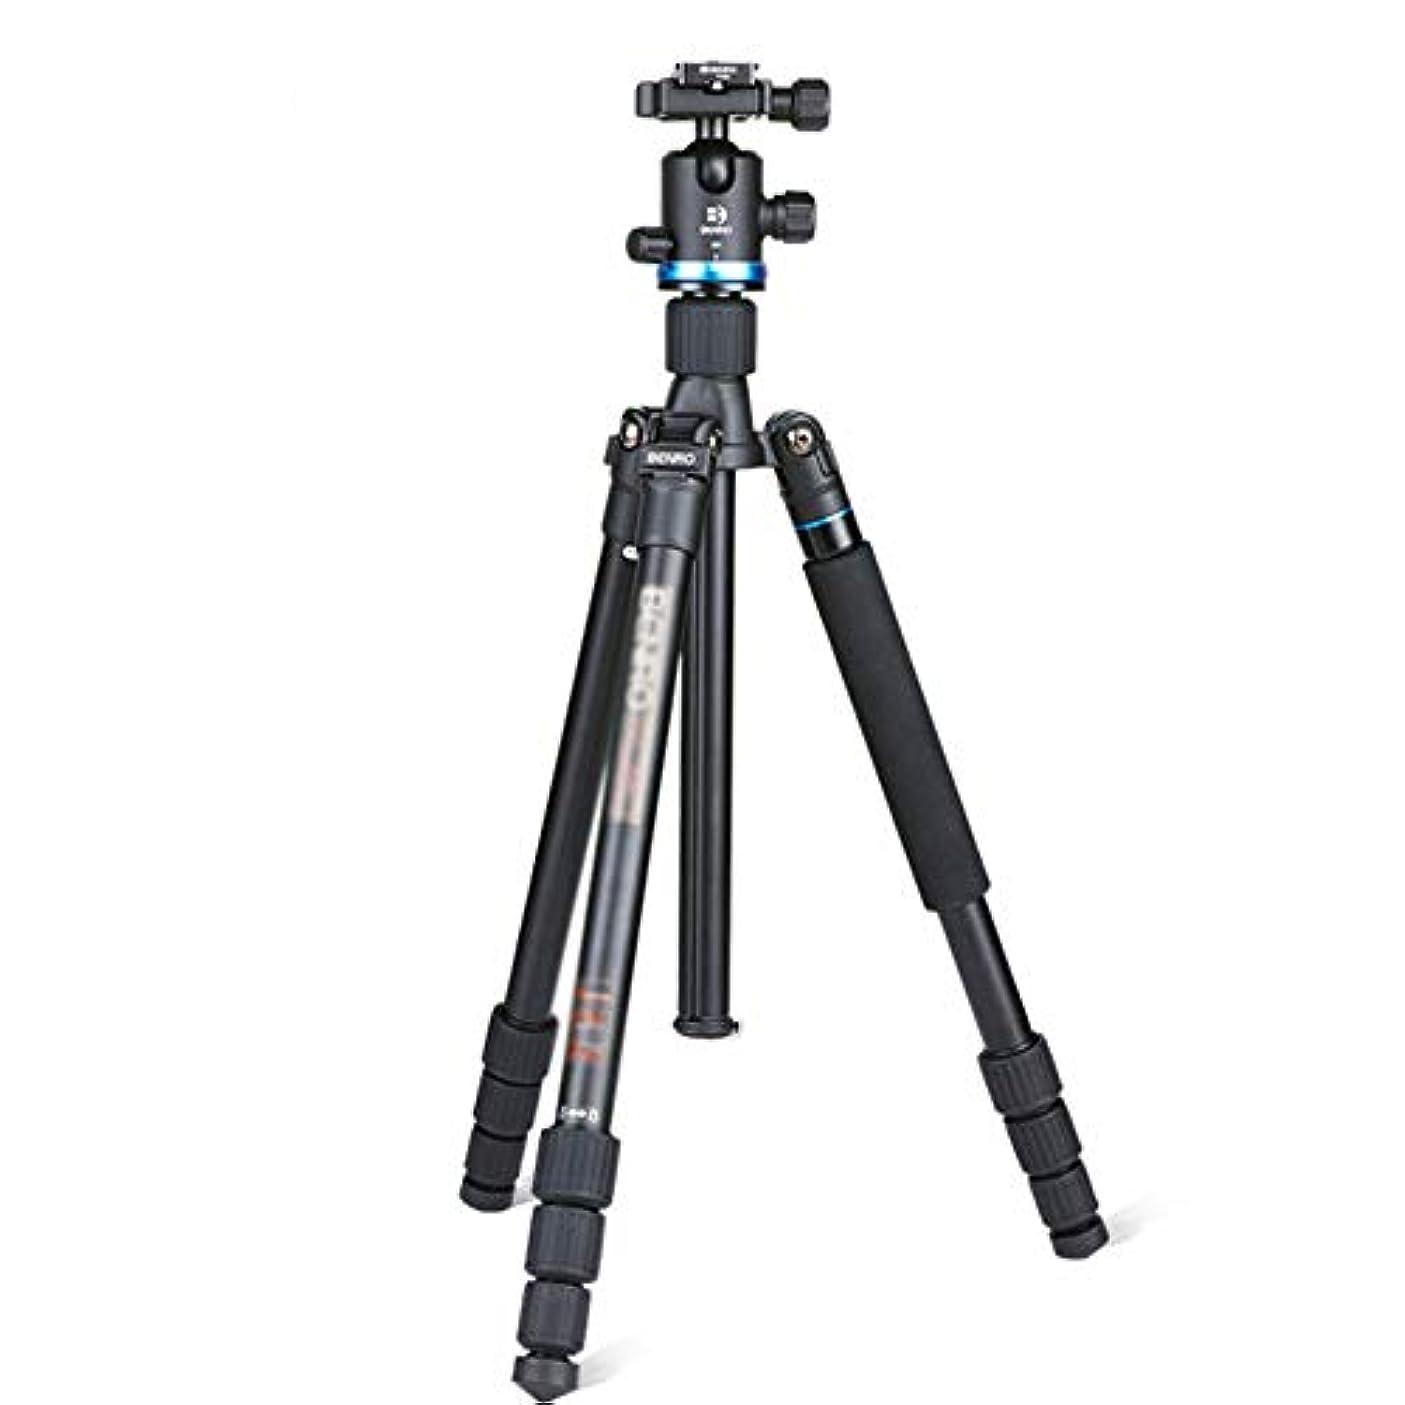 鉛古風なうがい薬カメラ三脚 モバイルデジタル一眼レフカメラの旅行と作業に適しポータブル三脚、三脚旅行アウトドアコンパクトカメラの三脚一脚、 旅行用 持ち運びに便利 (Color : Black, Size : One size)